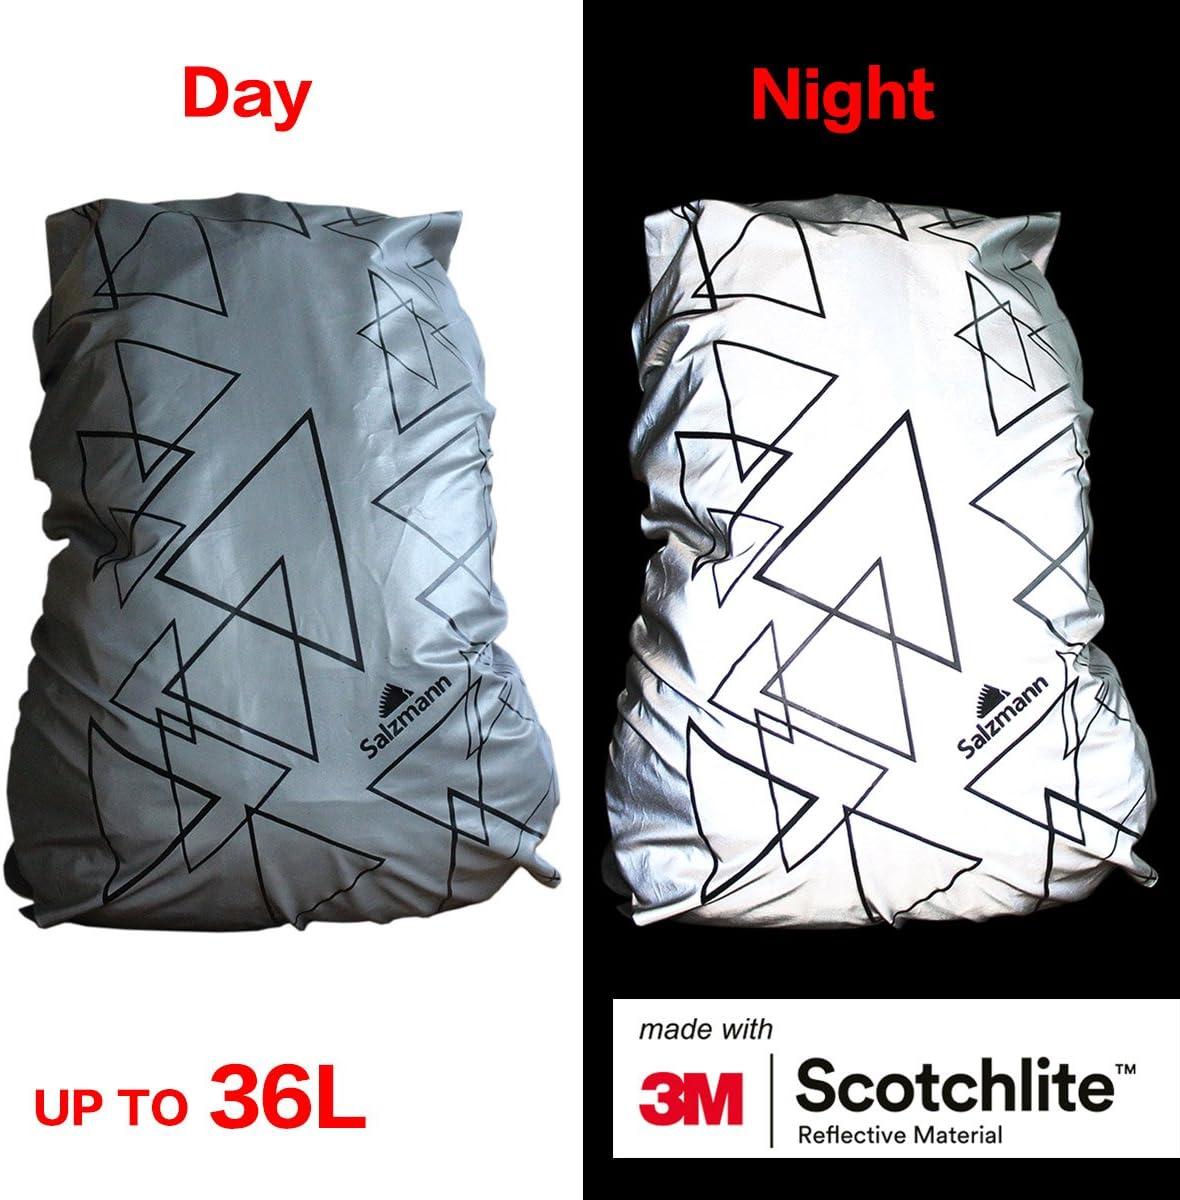 Fabriqu/ée avec 3M Scotchlite Salzmann 3M Housse de Sac /à Dos r/éfl/échissante Couverture Anti-Pluie Imp/érmeabile